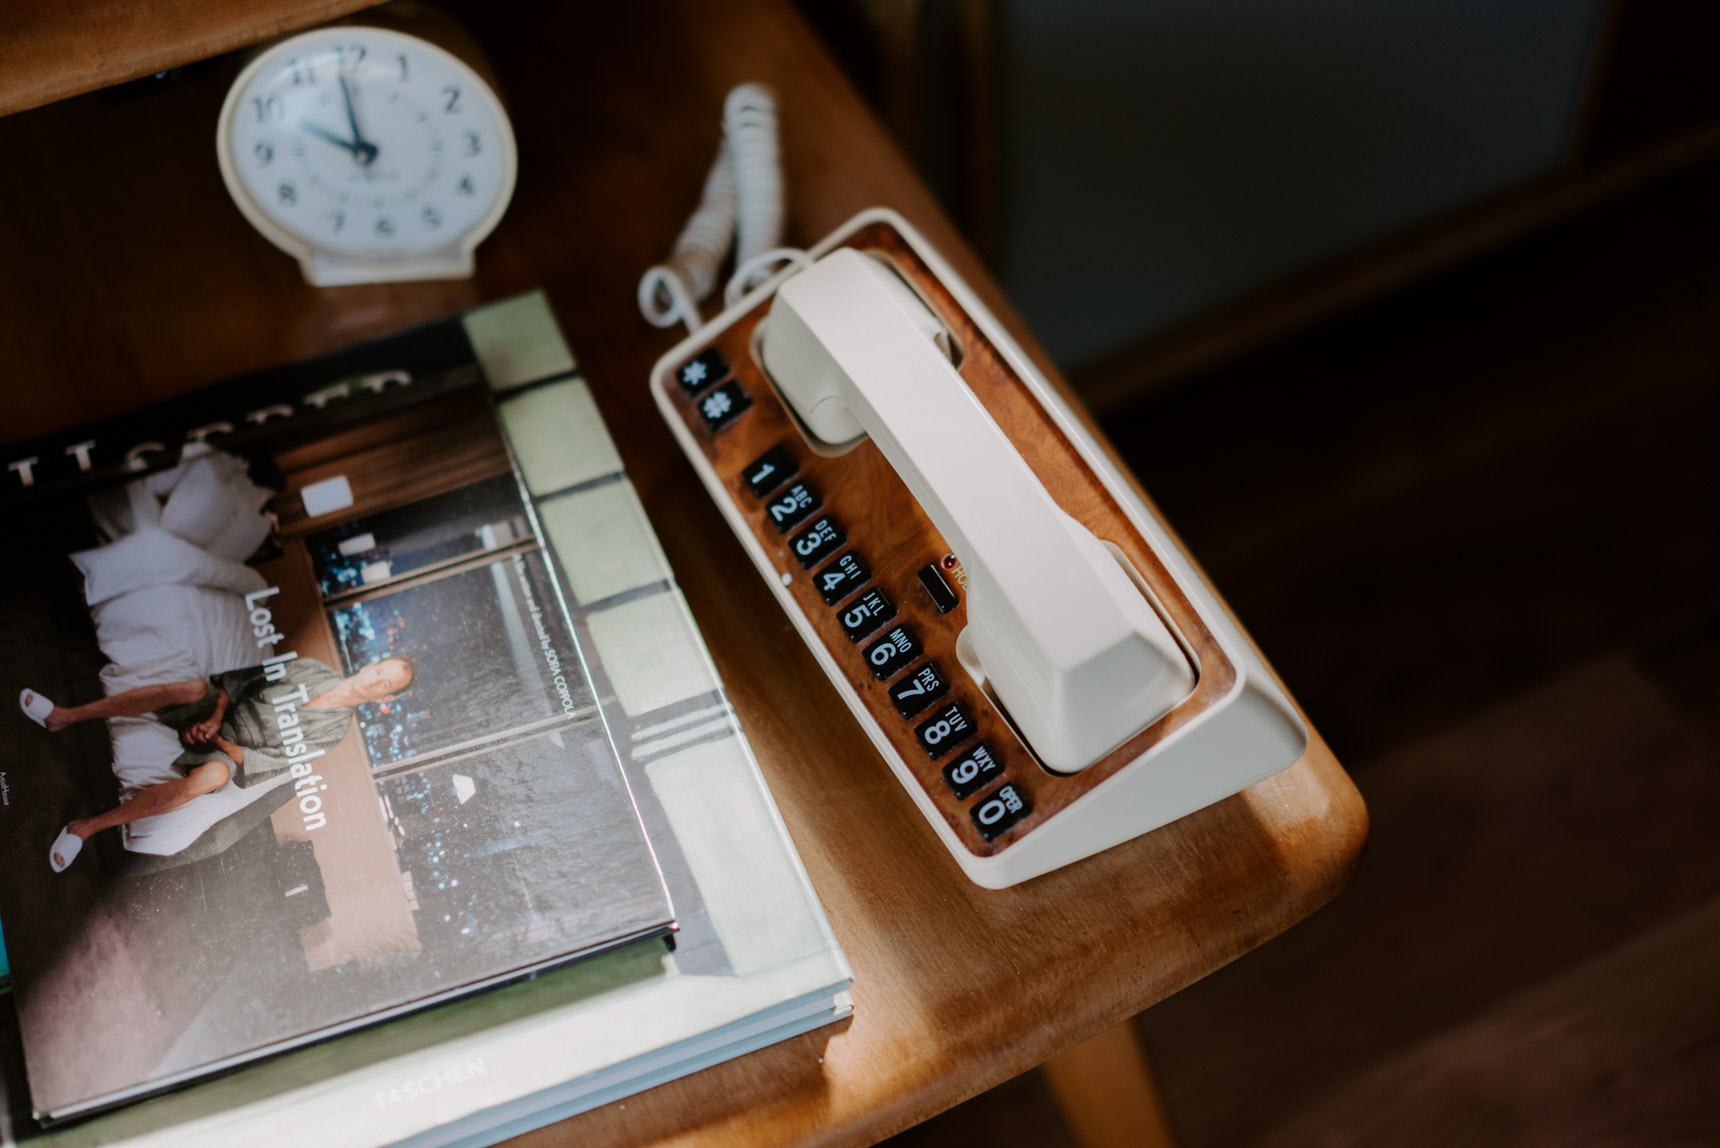 電話や時計など、「モーテルっぽさ」を感じるアイテムがここにも。